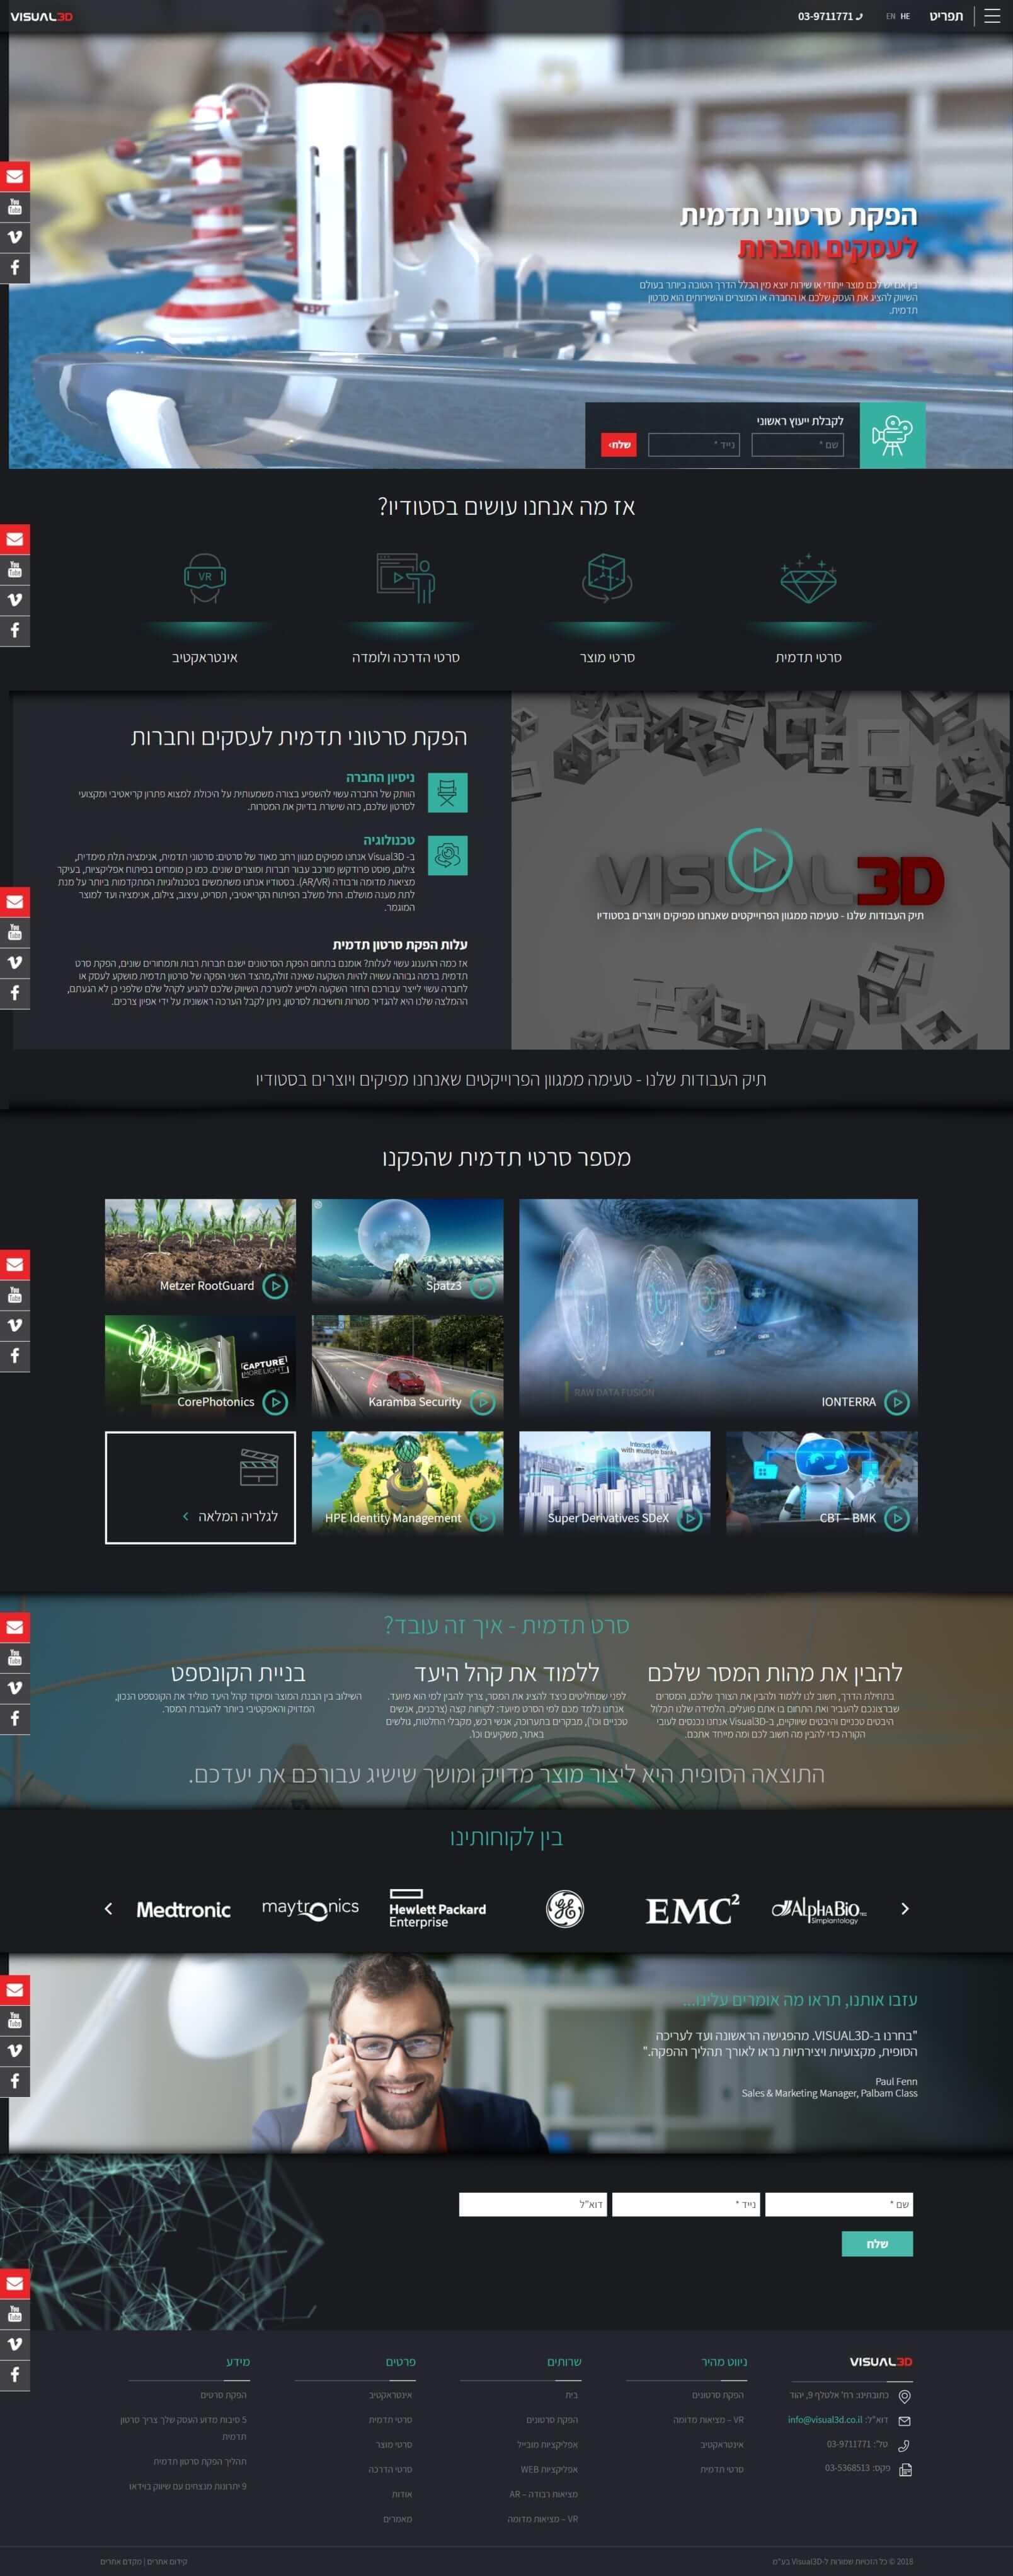 בניית אתר לחברת: visual3d.